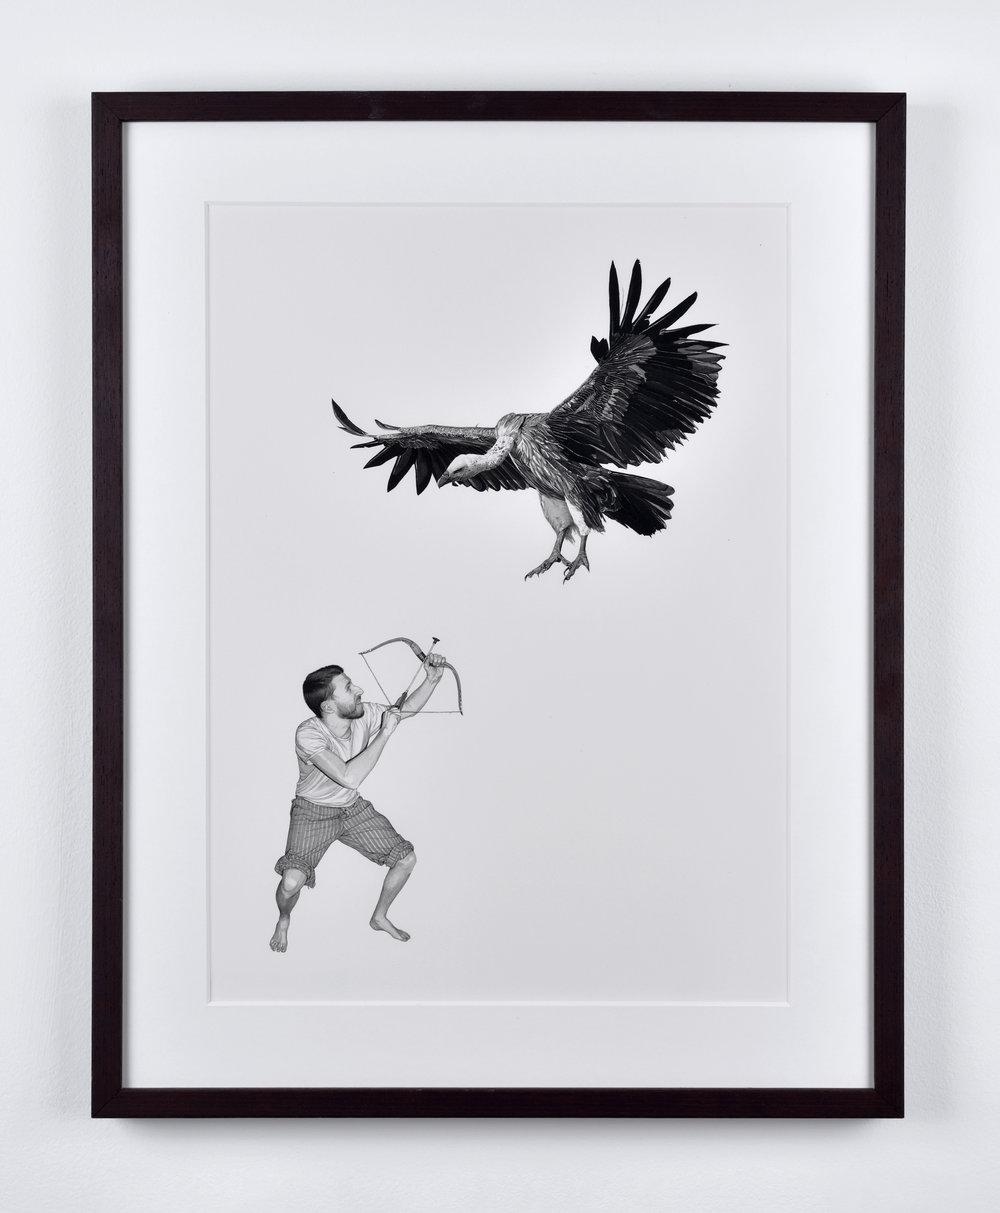 Fabien Mérelle, Vautour, 2015 ink on paper 46,5 x 36,5 cm - 18 1/4 x 14 3/8 inches